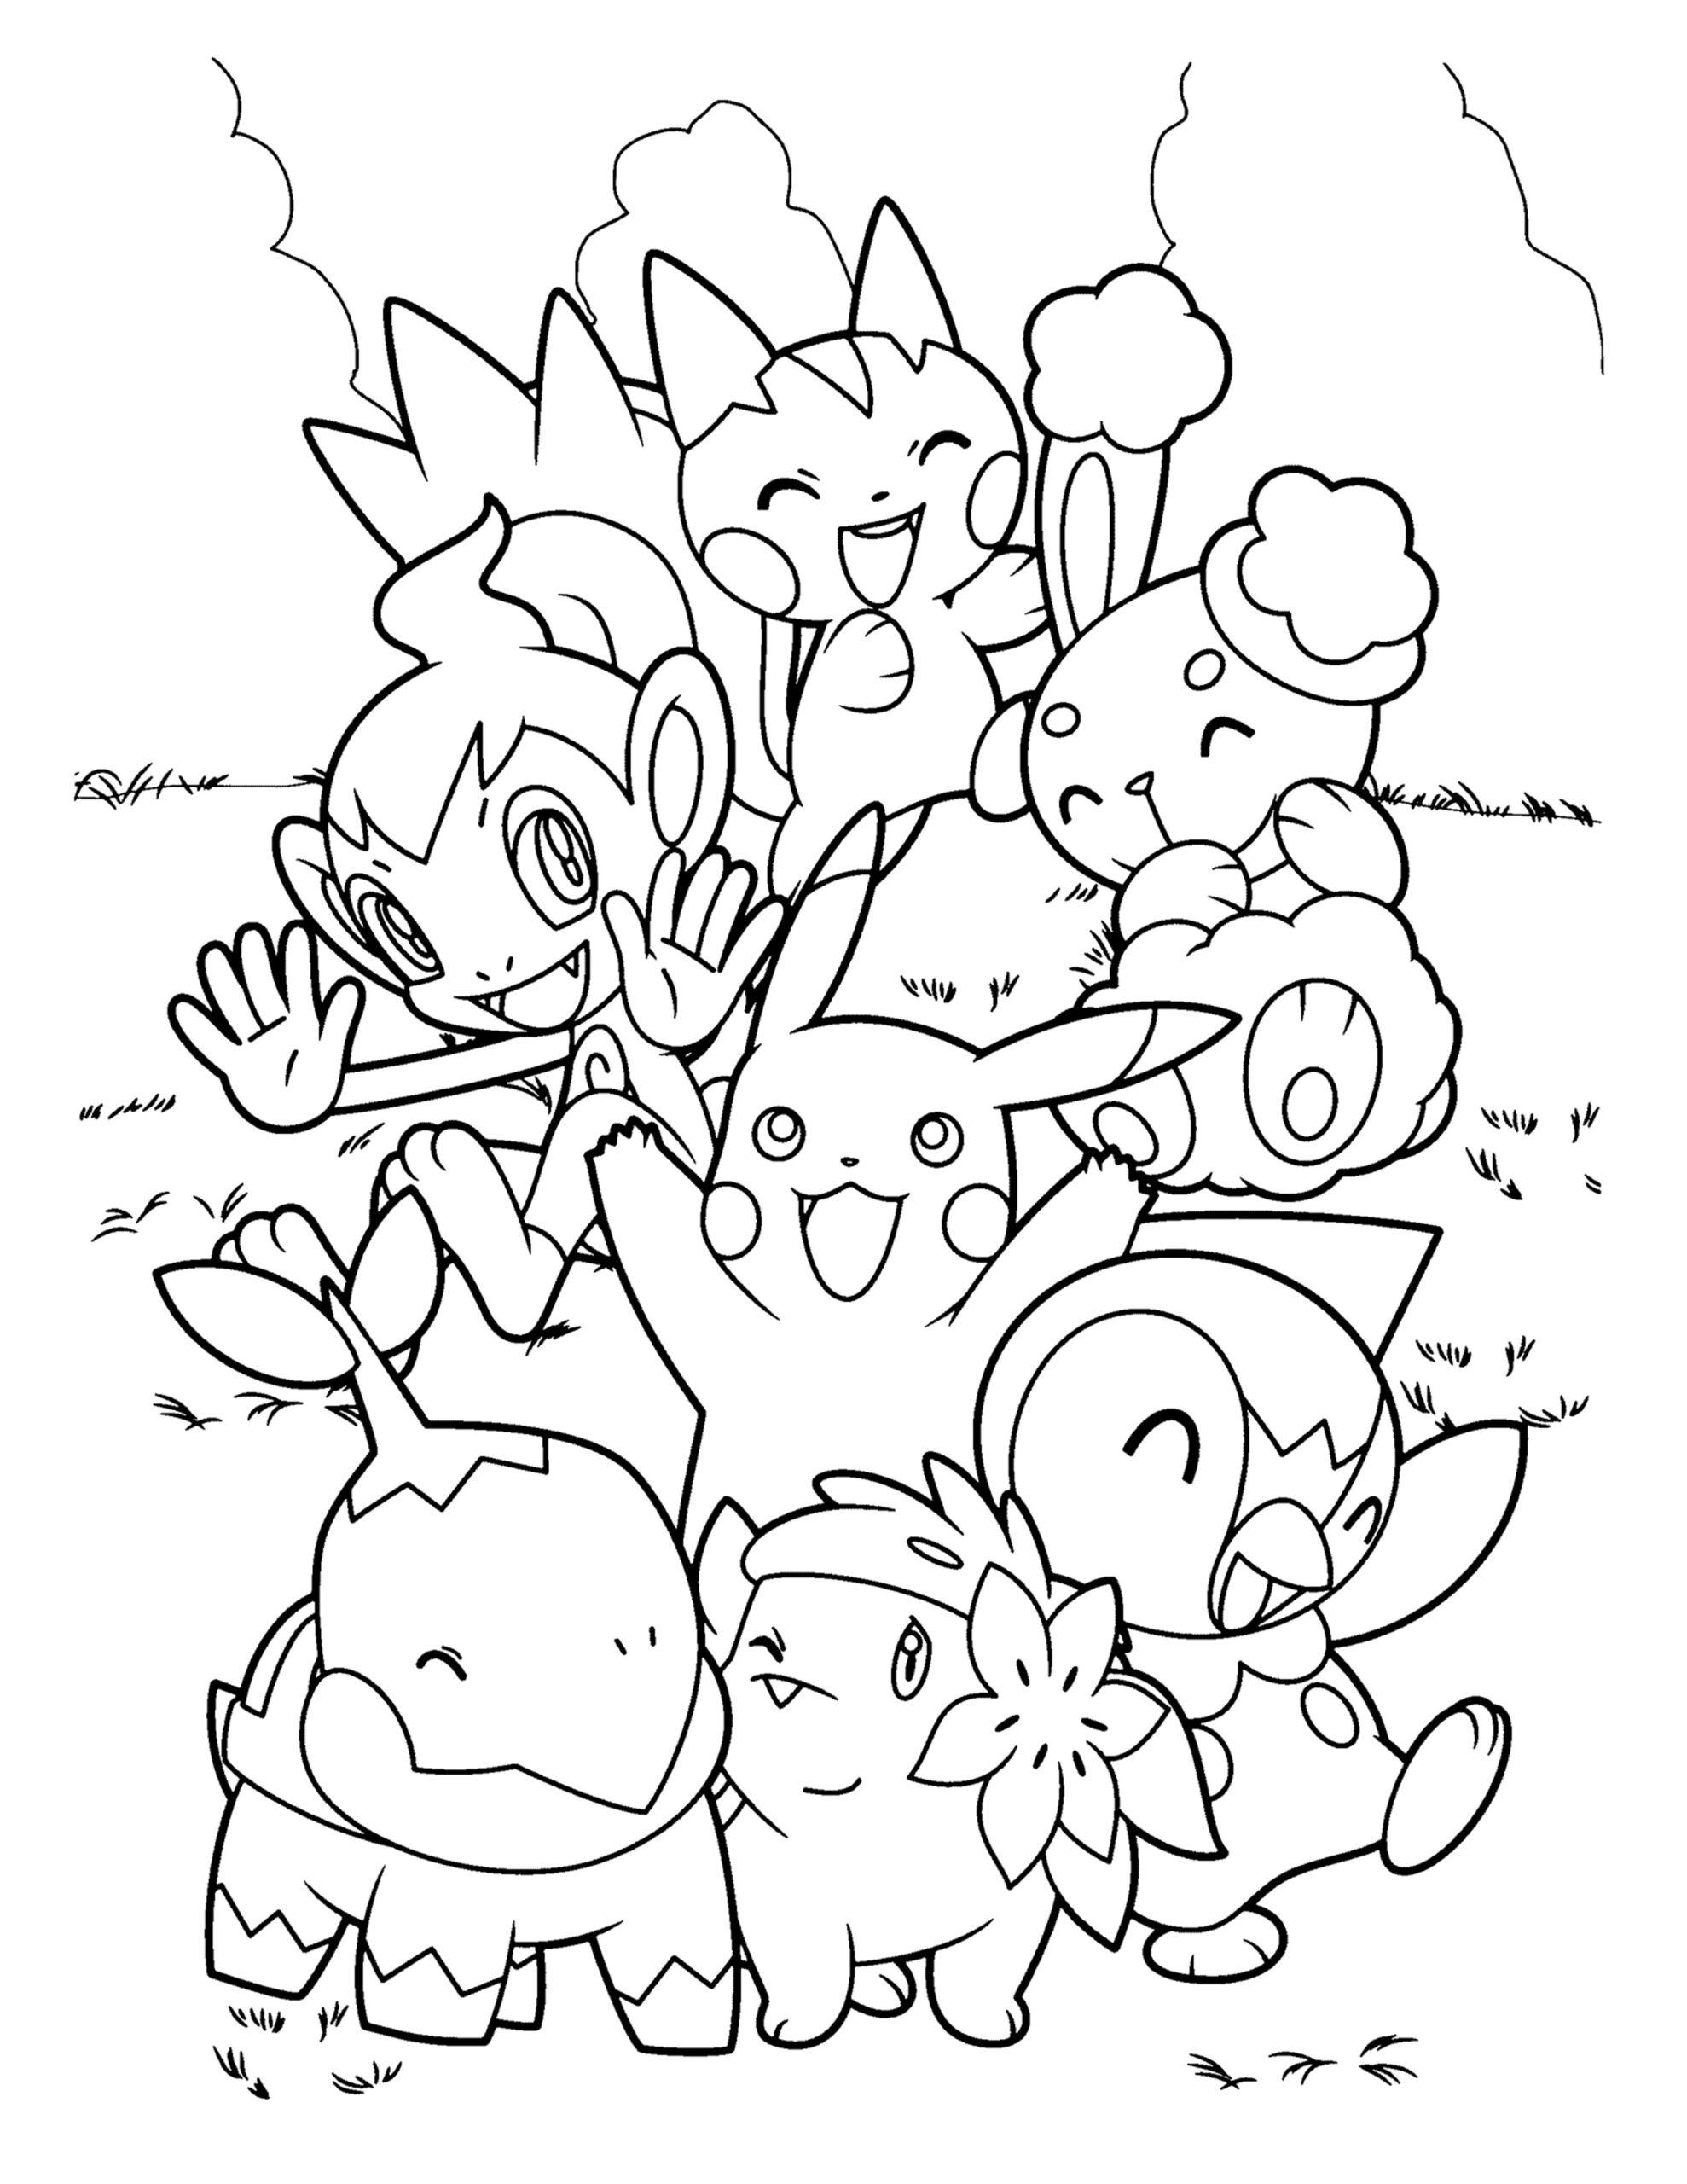 nieuwe pokemon tekening inkleuren plaat